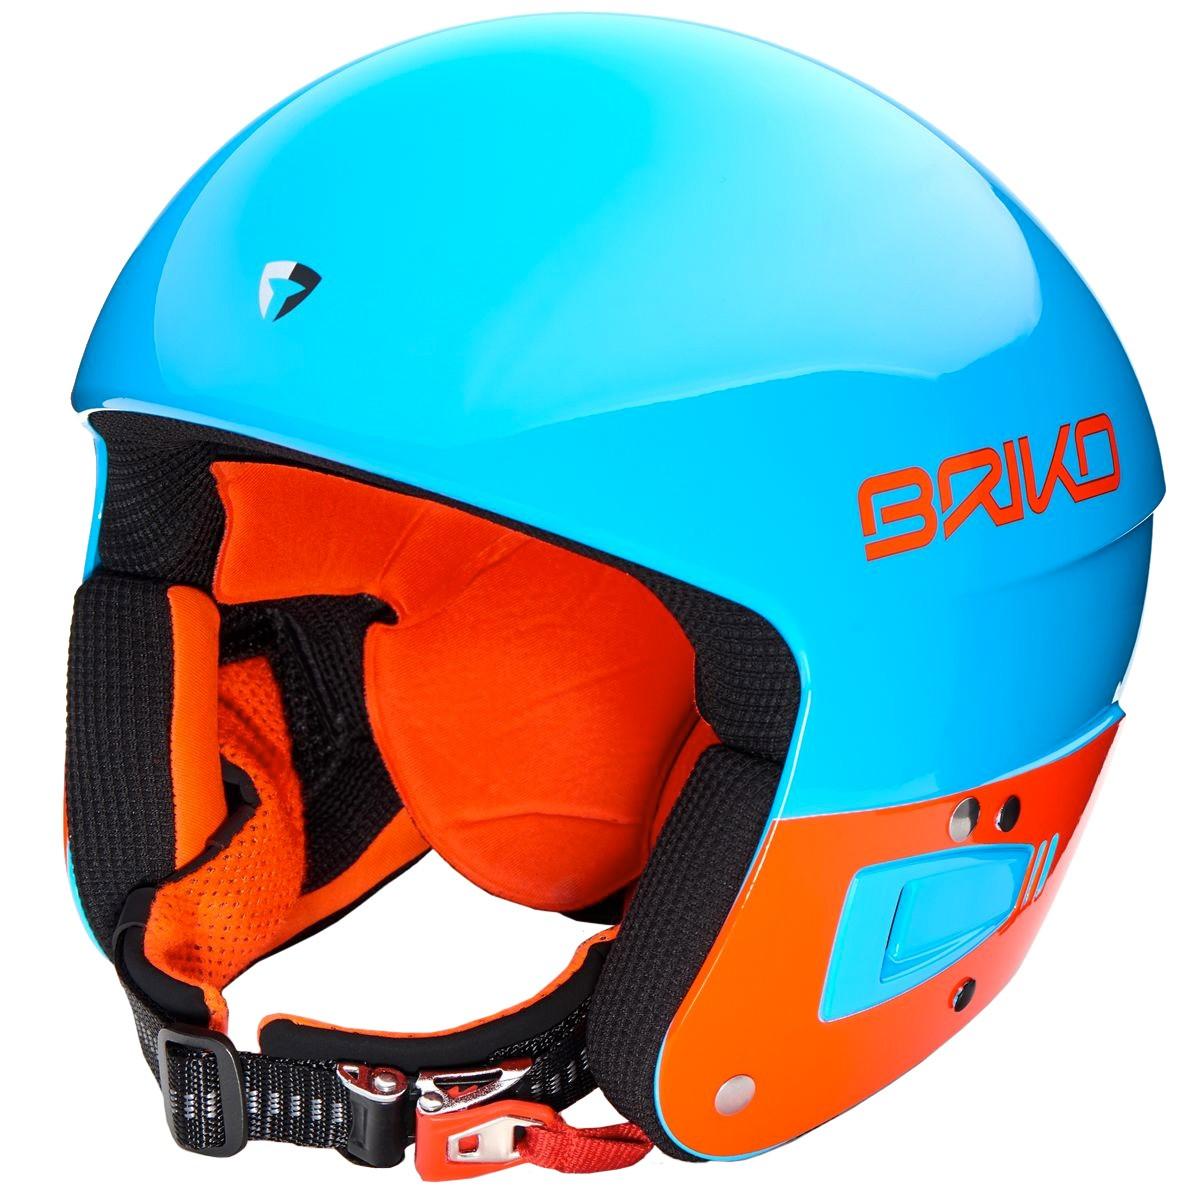 Casco sci Briko Vulcano Fis 6.8 (Colore: blu-arancio fluo, Taglia: S/M)